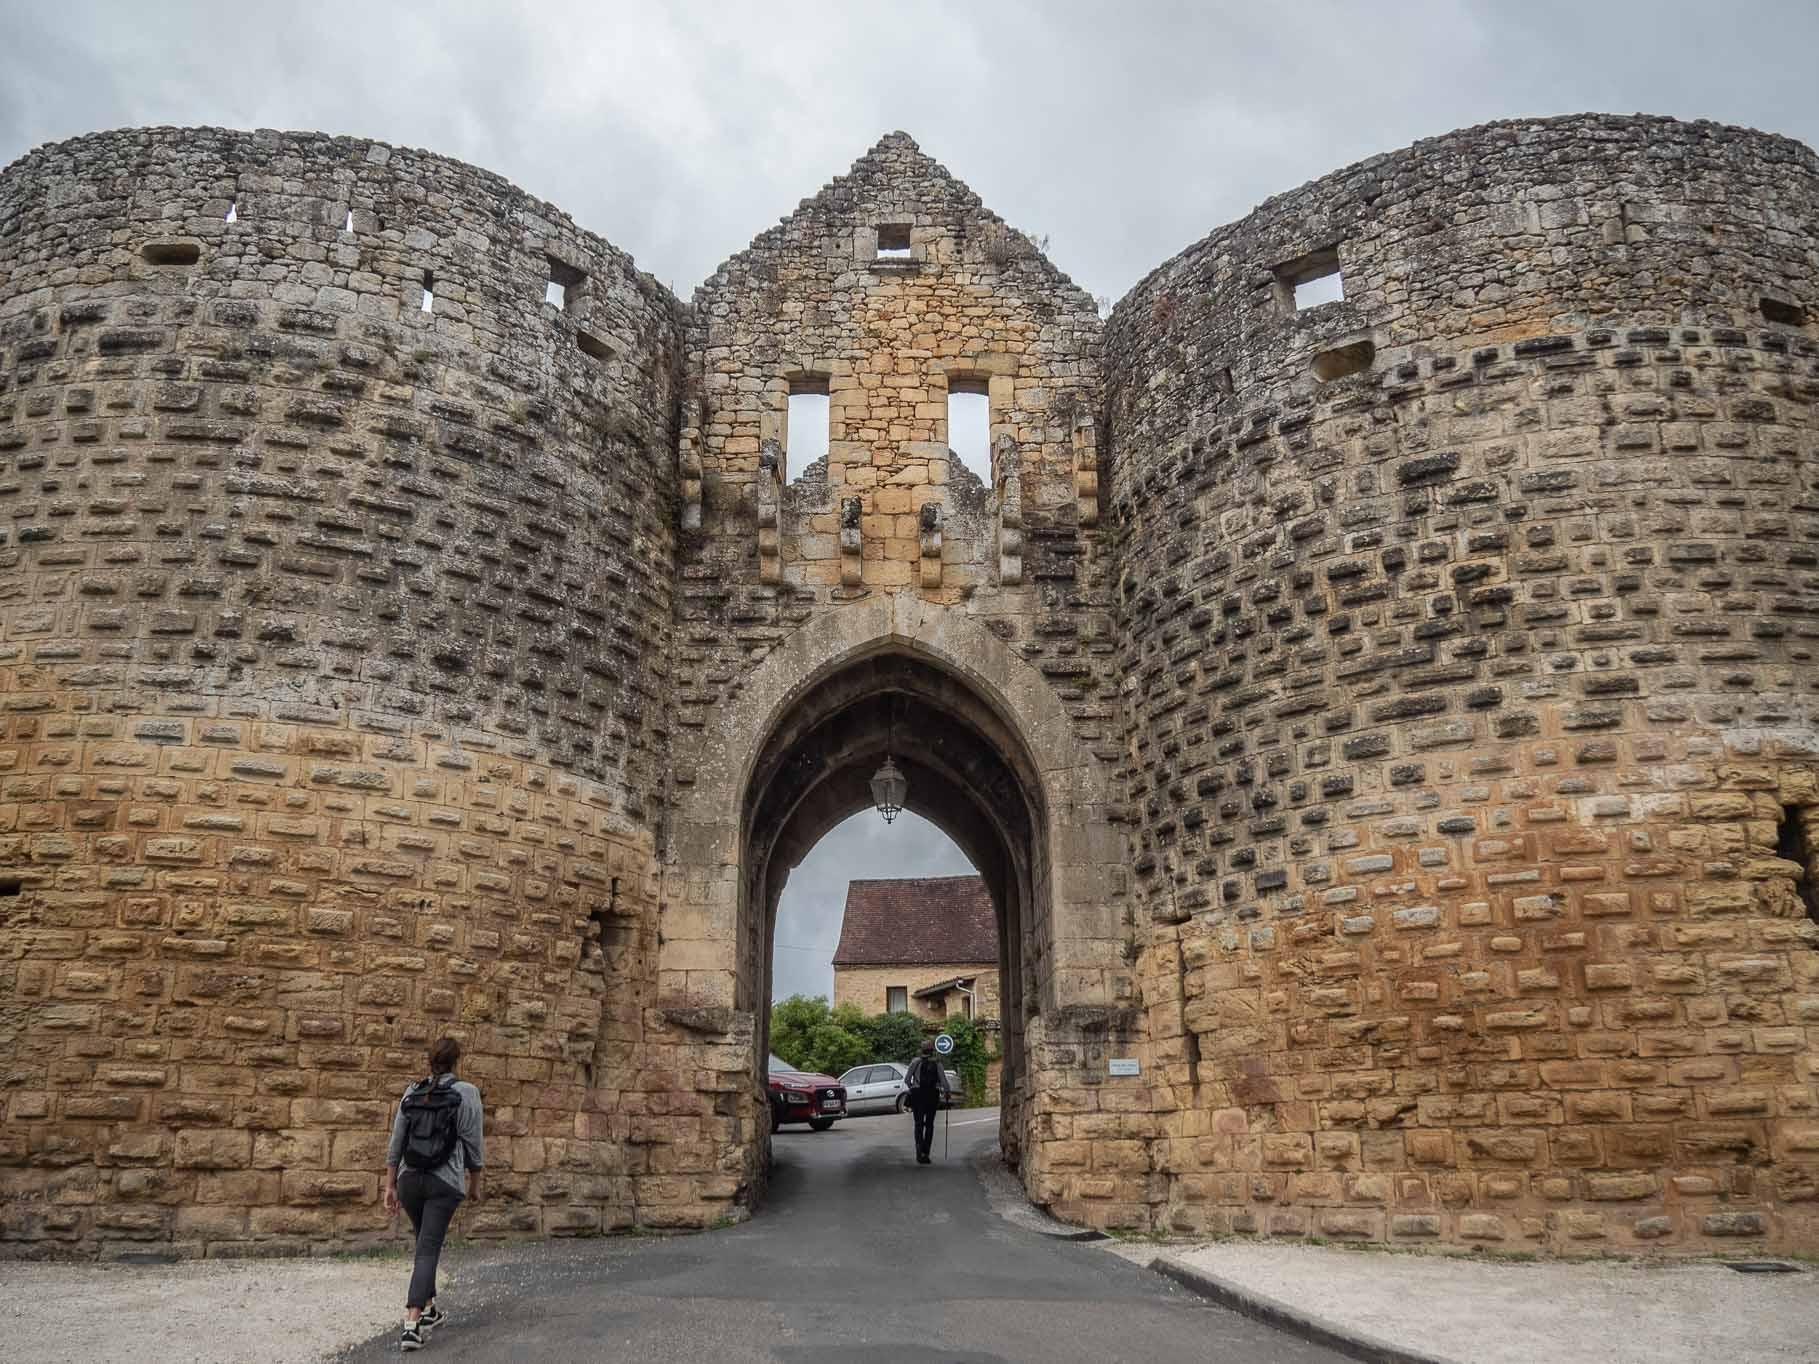 Portes de la cité médiévale de Domme en Dordogne